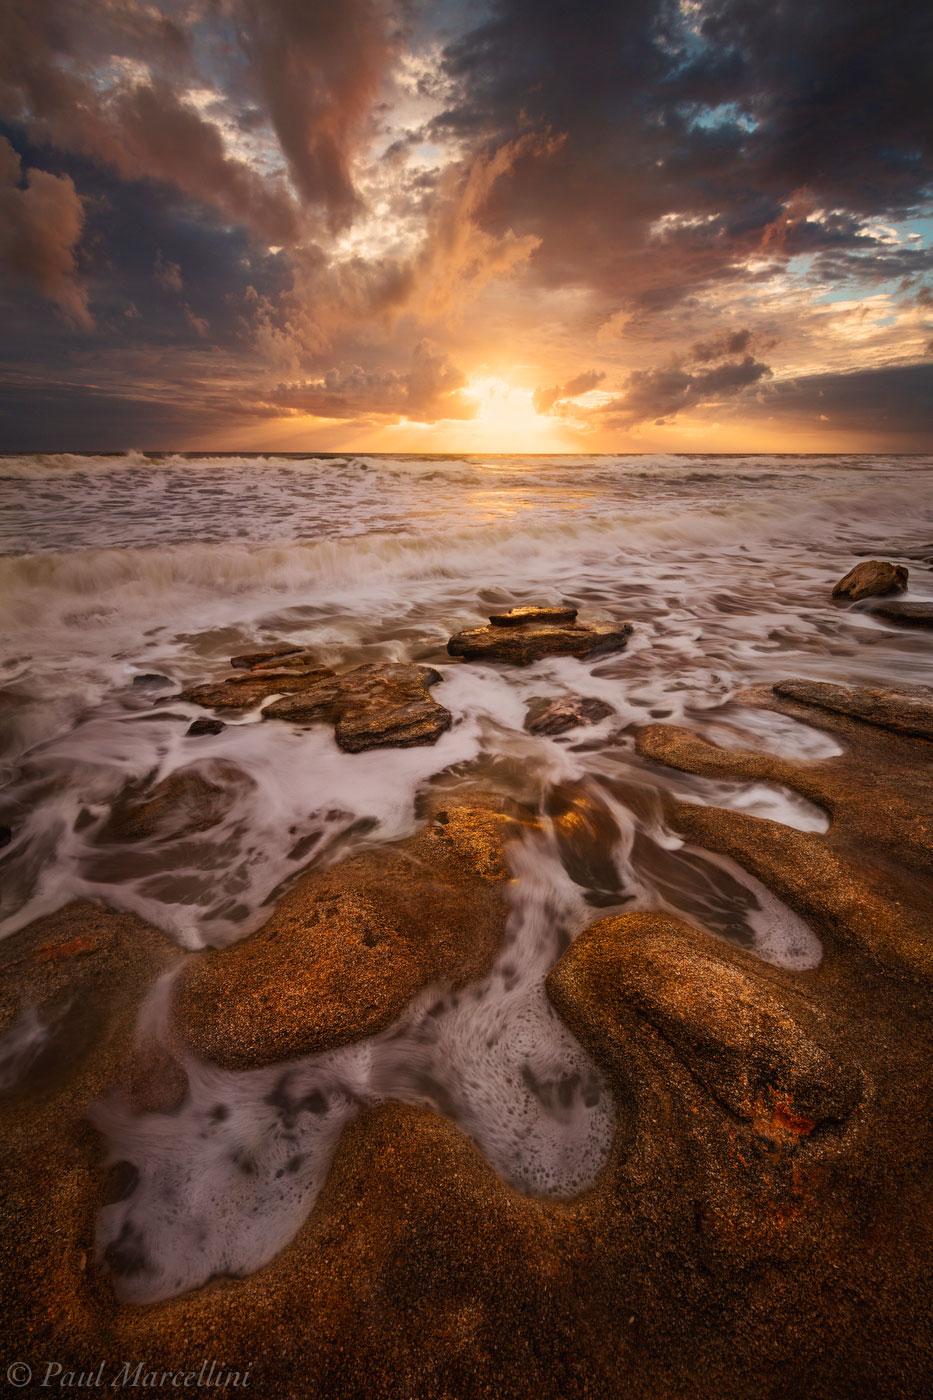 washinton oaks state park,  florida, sunrise, photo